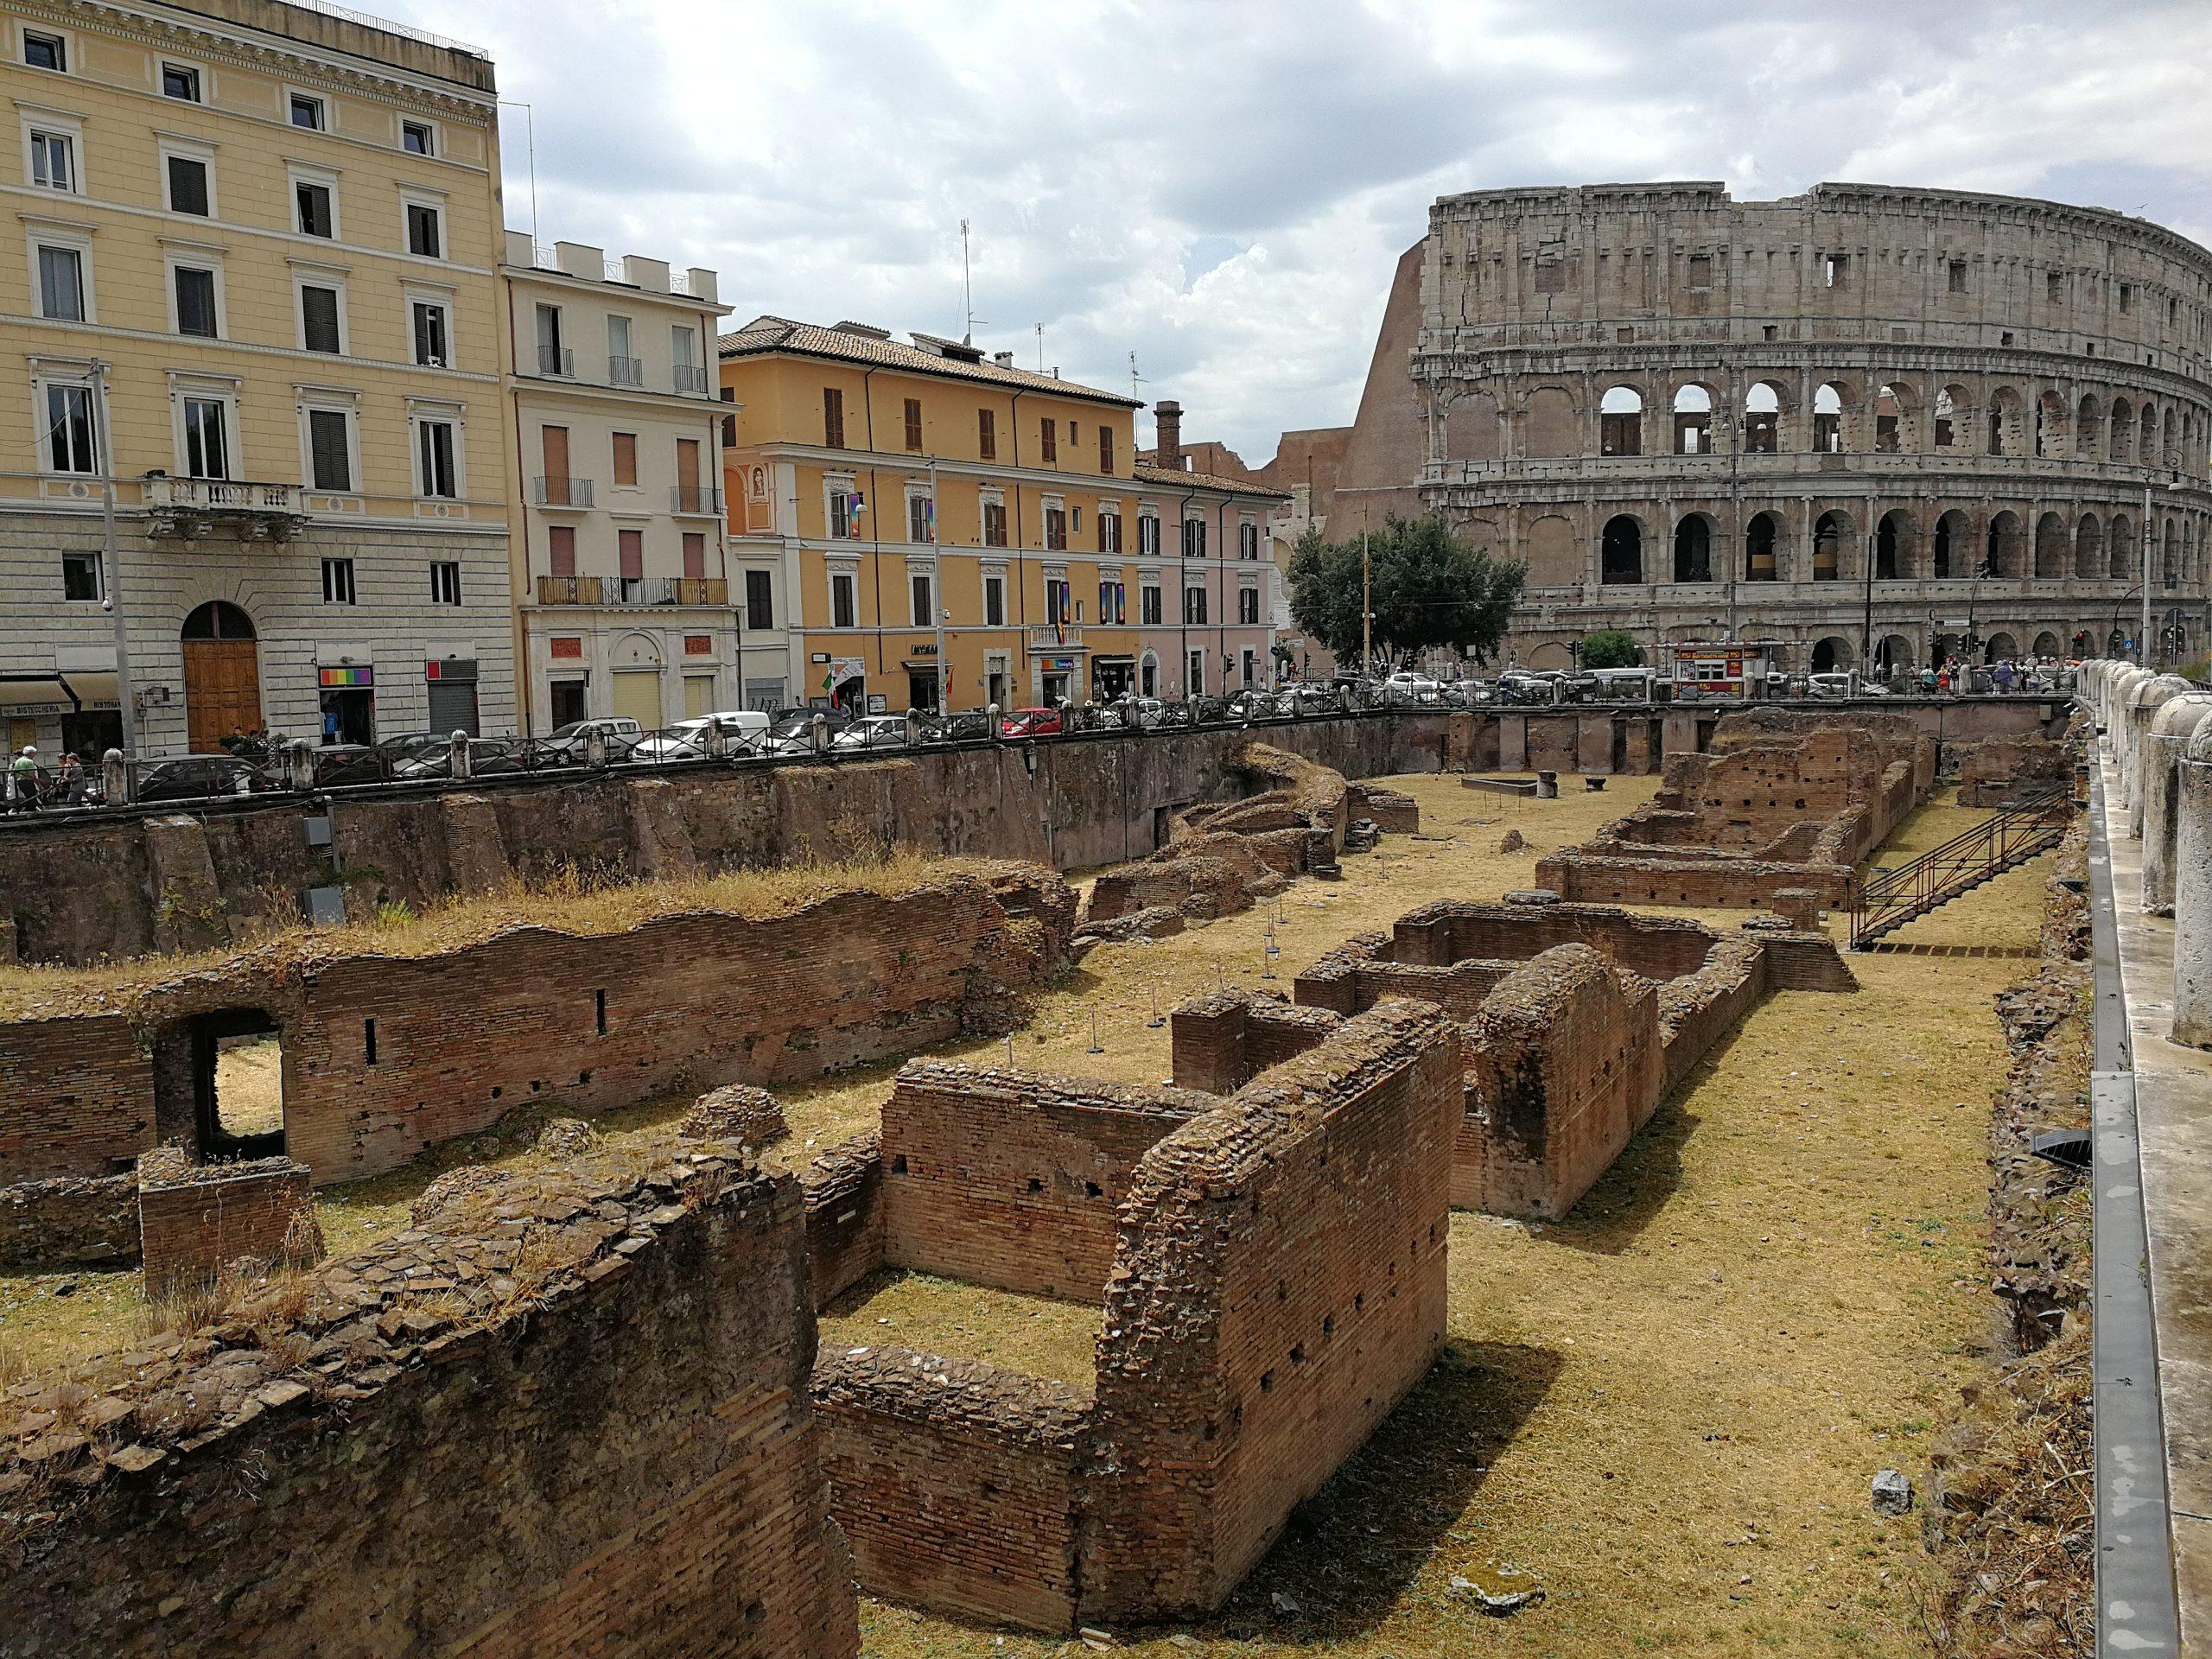 Colosseum_Ludus Magnus_Rome_Gladiator (7)